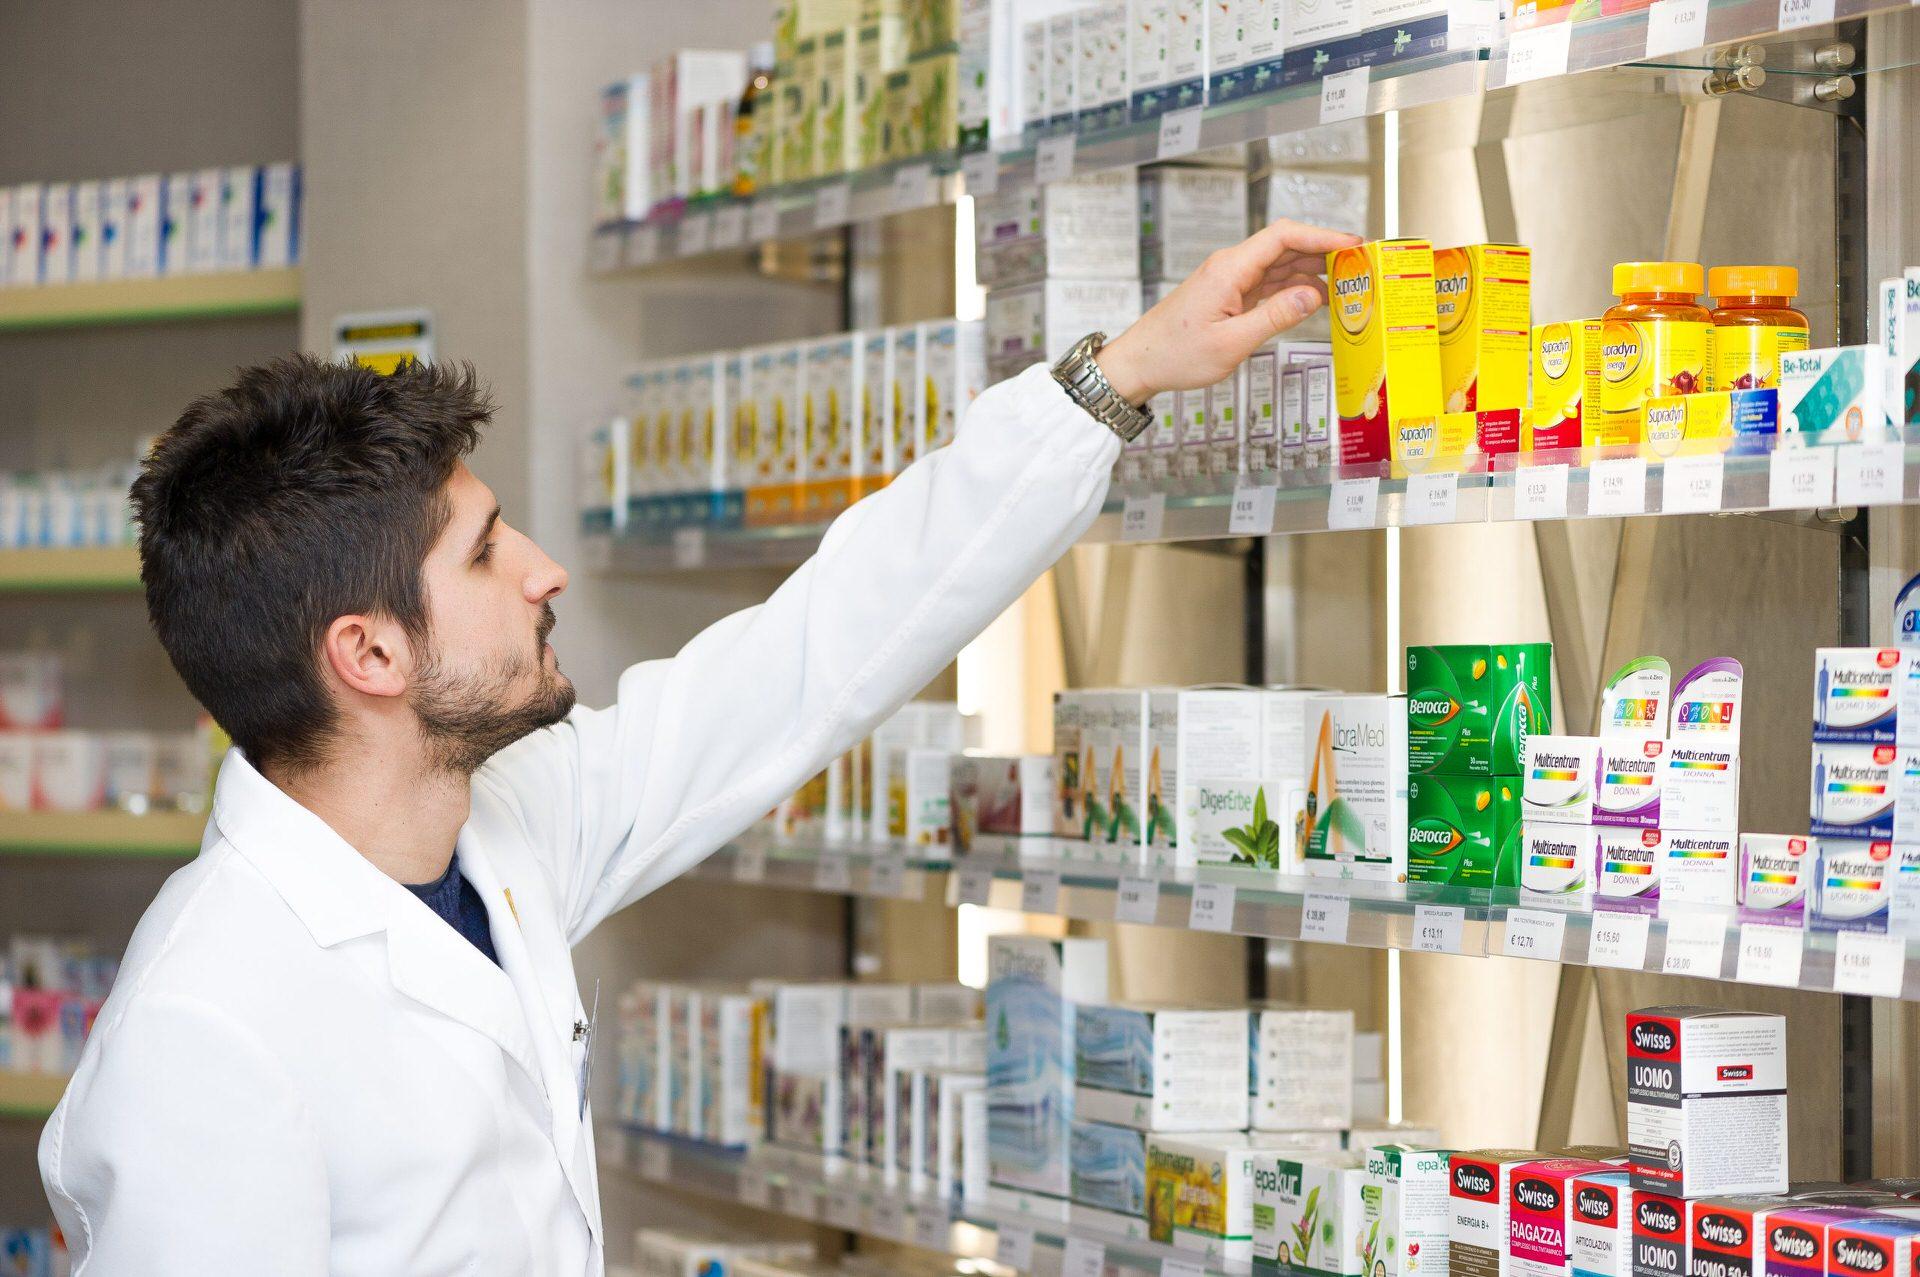 fotografia ritratto professionale team farmacia